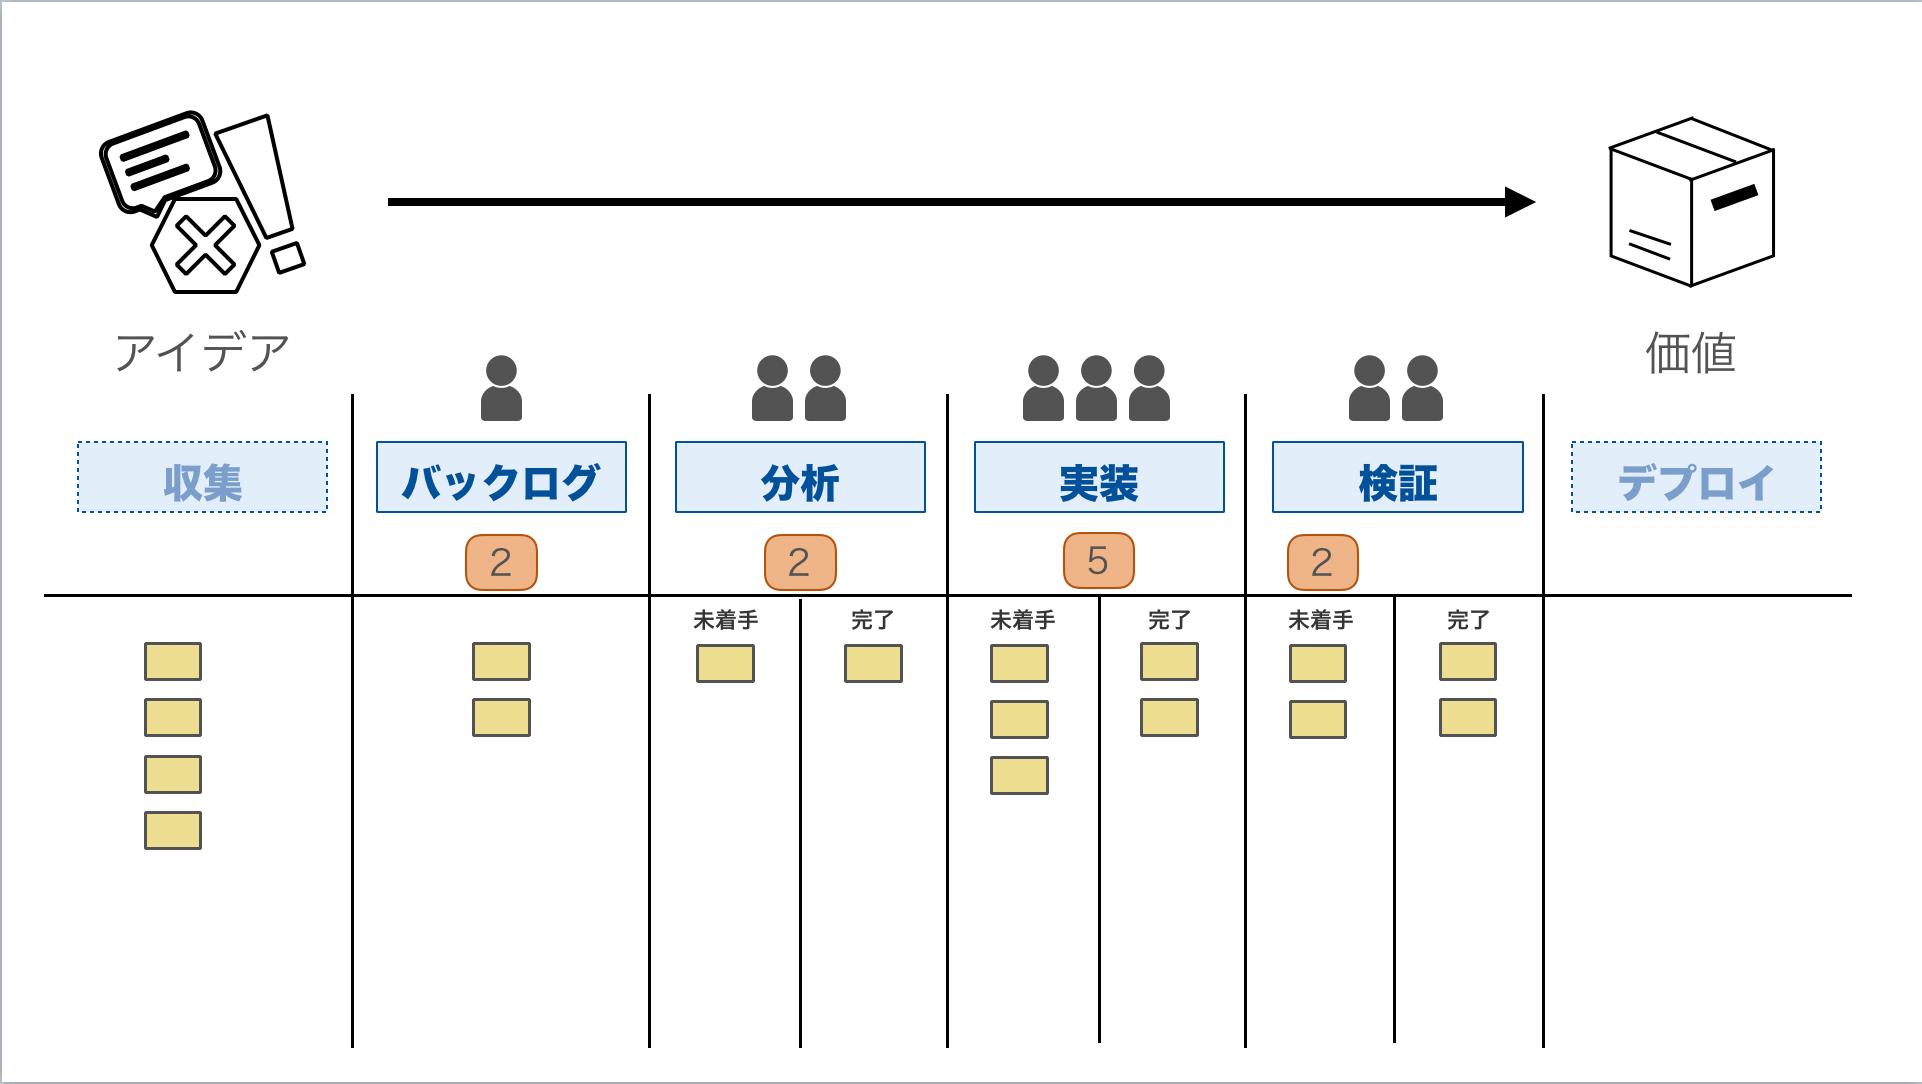 カンバンボードの流れの解説